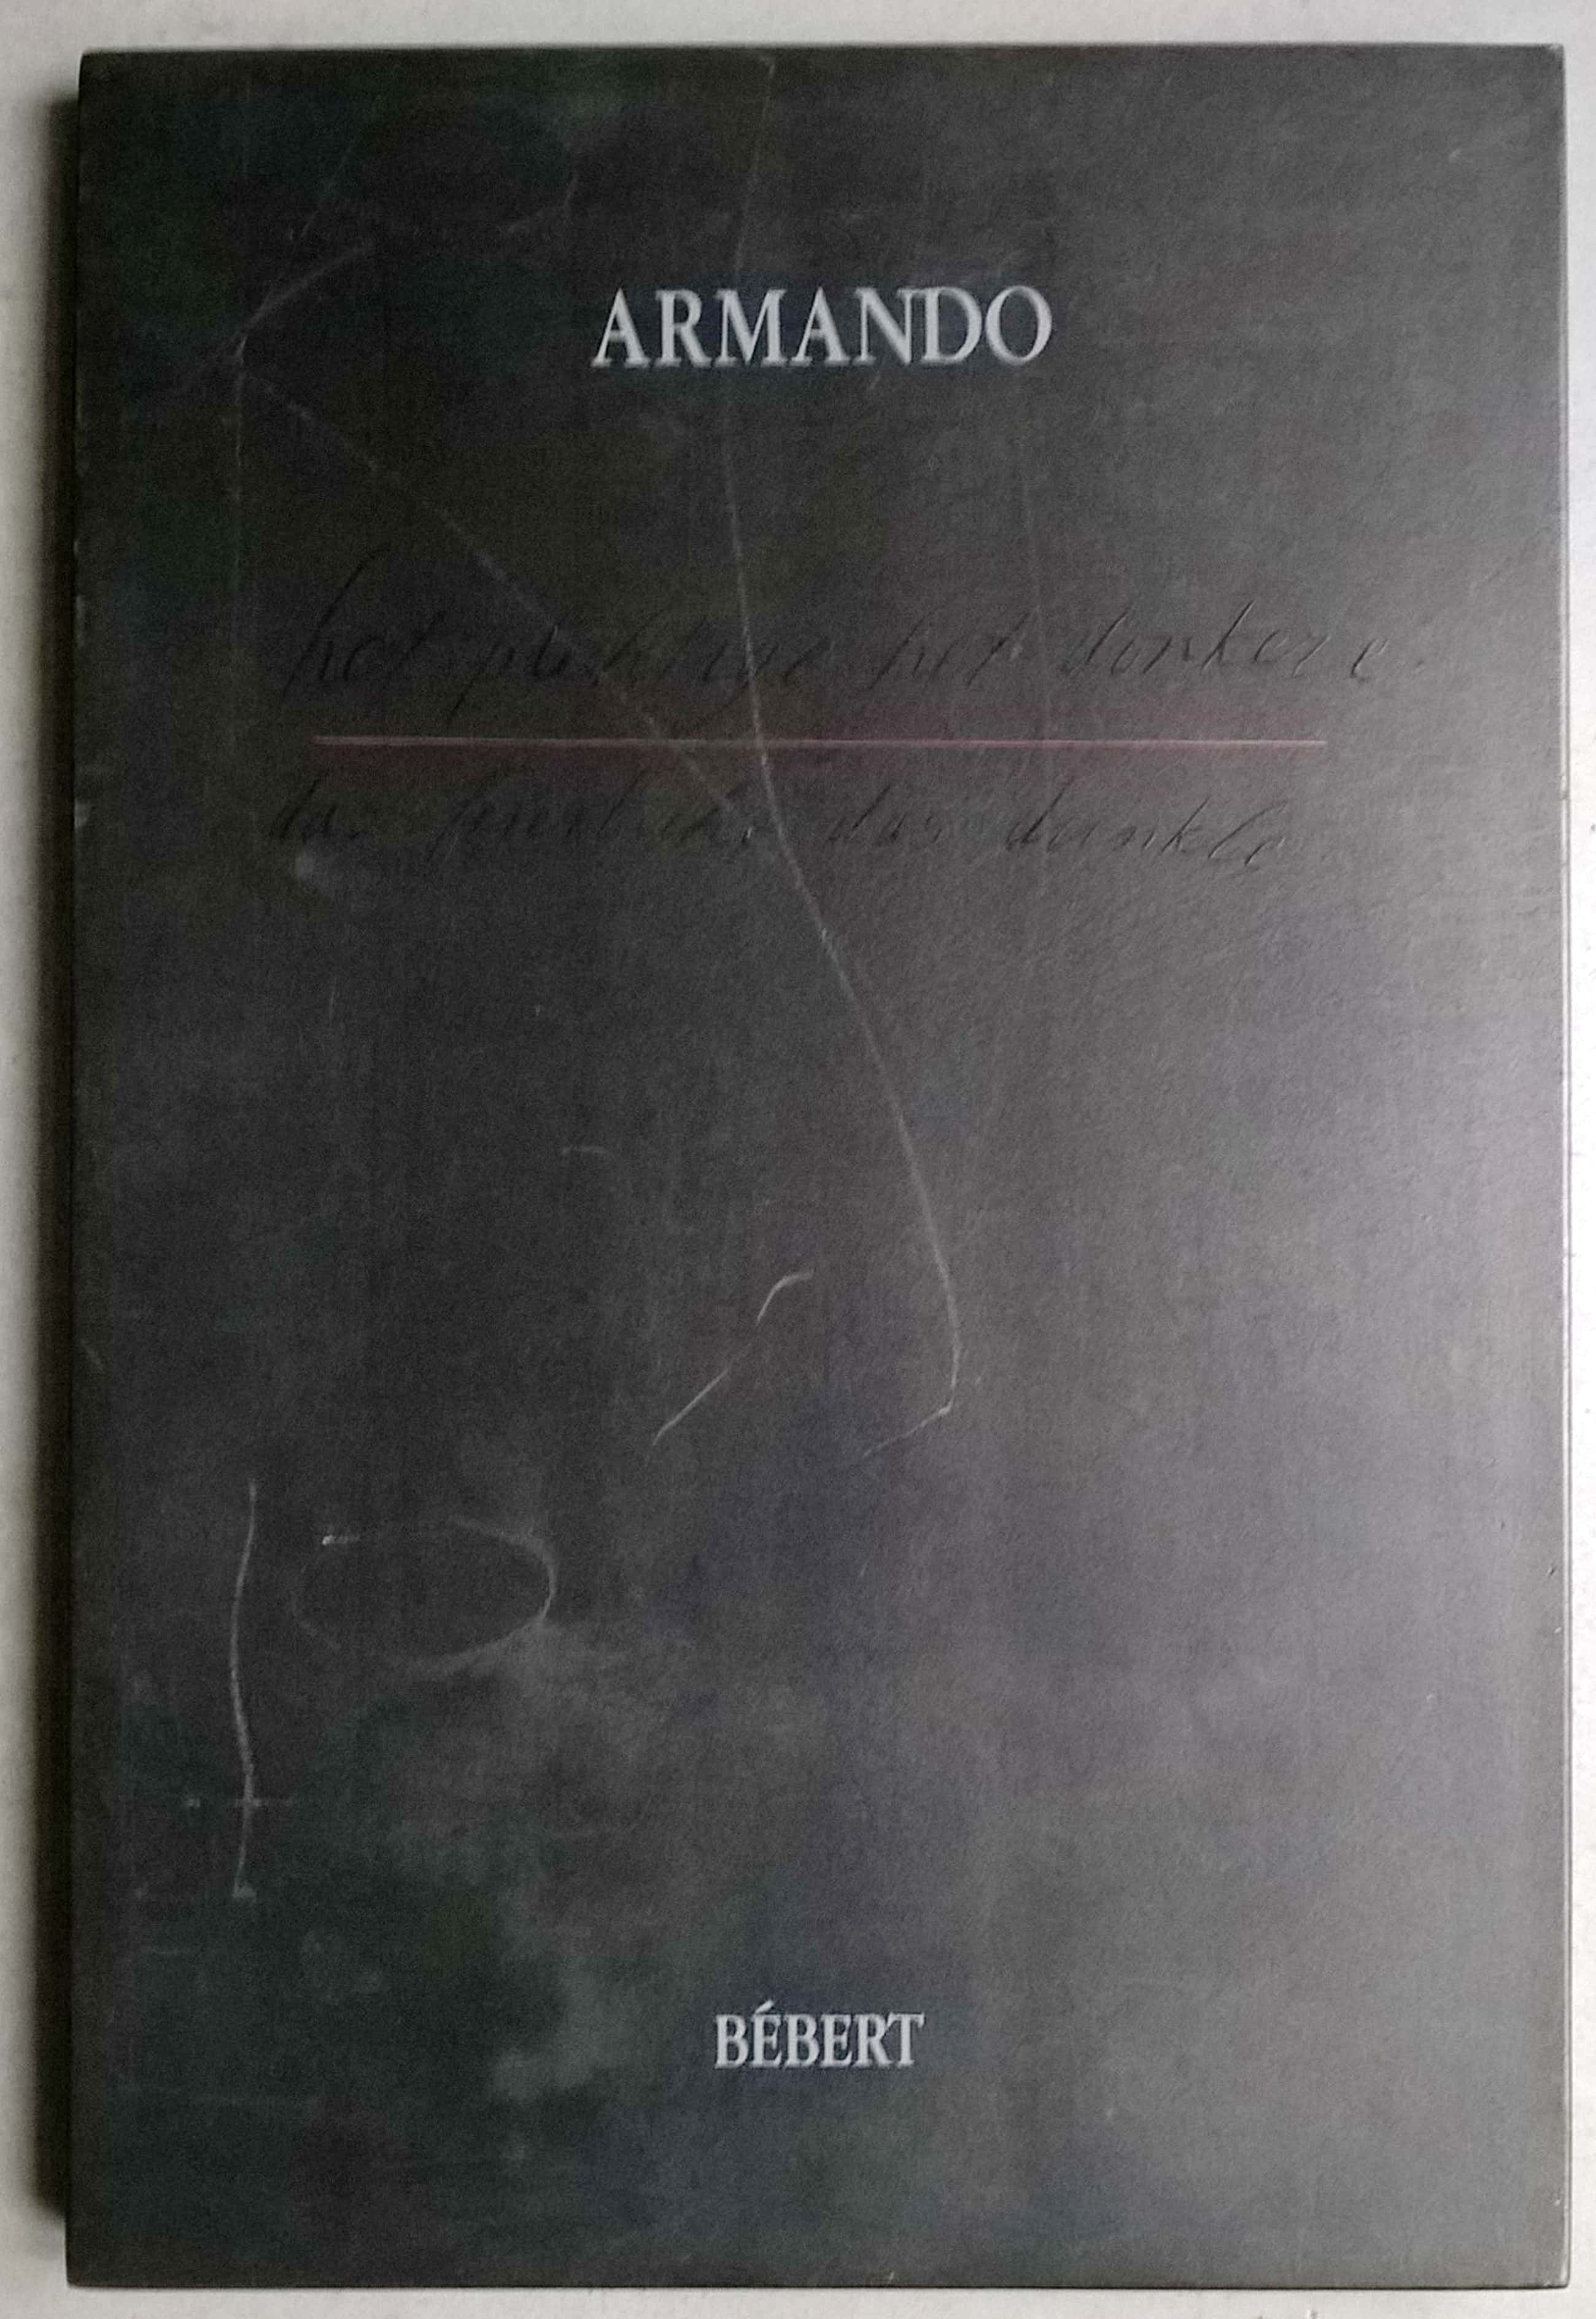 Armando - het Plechtige, het Donkere – 6 gesigneerde litho's kopen? Bied vanaf 895!